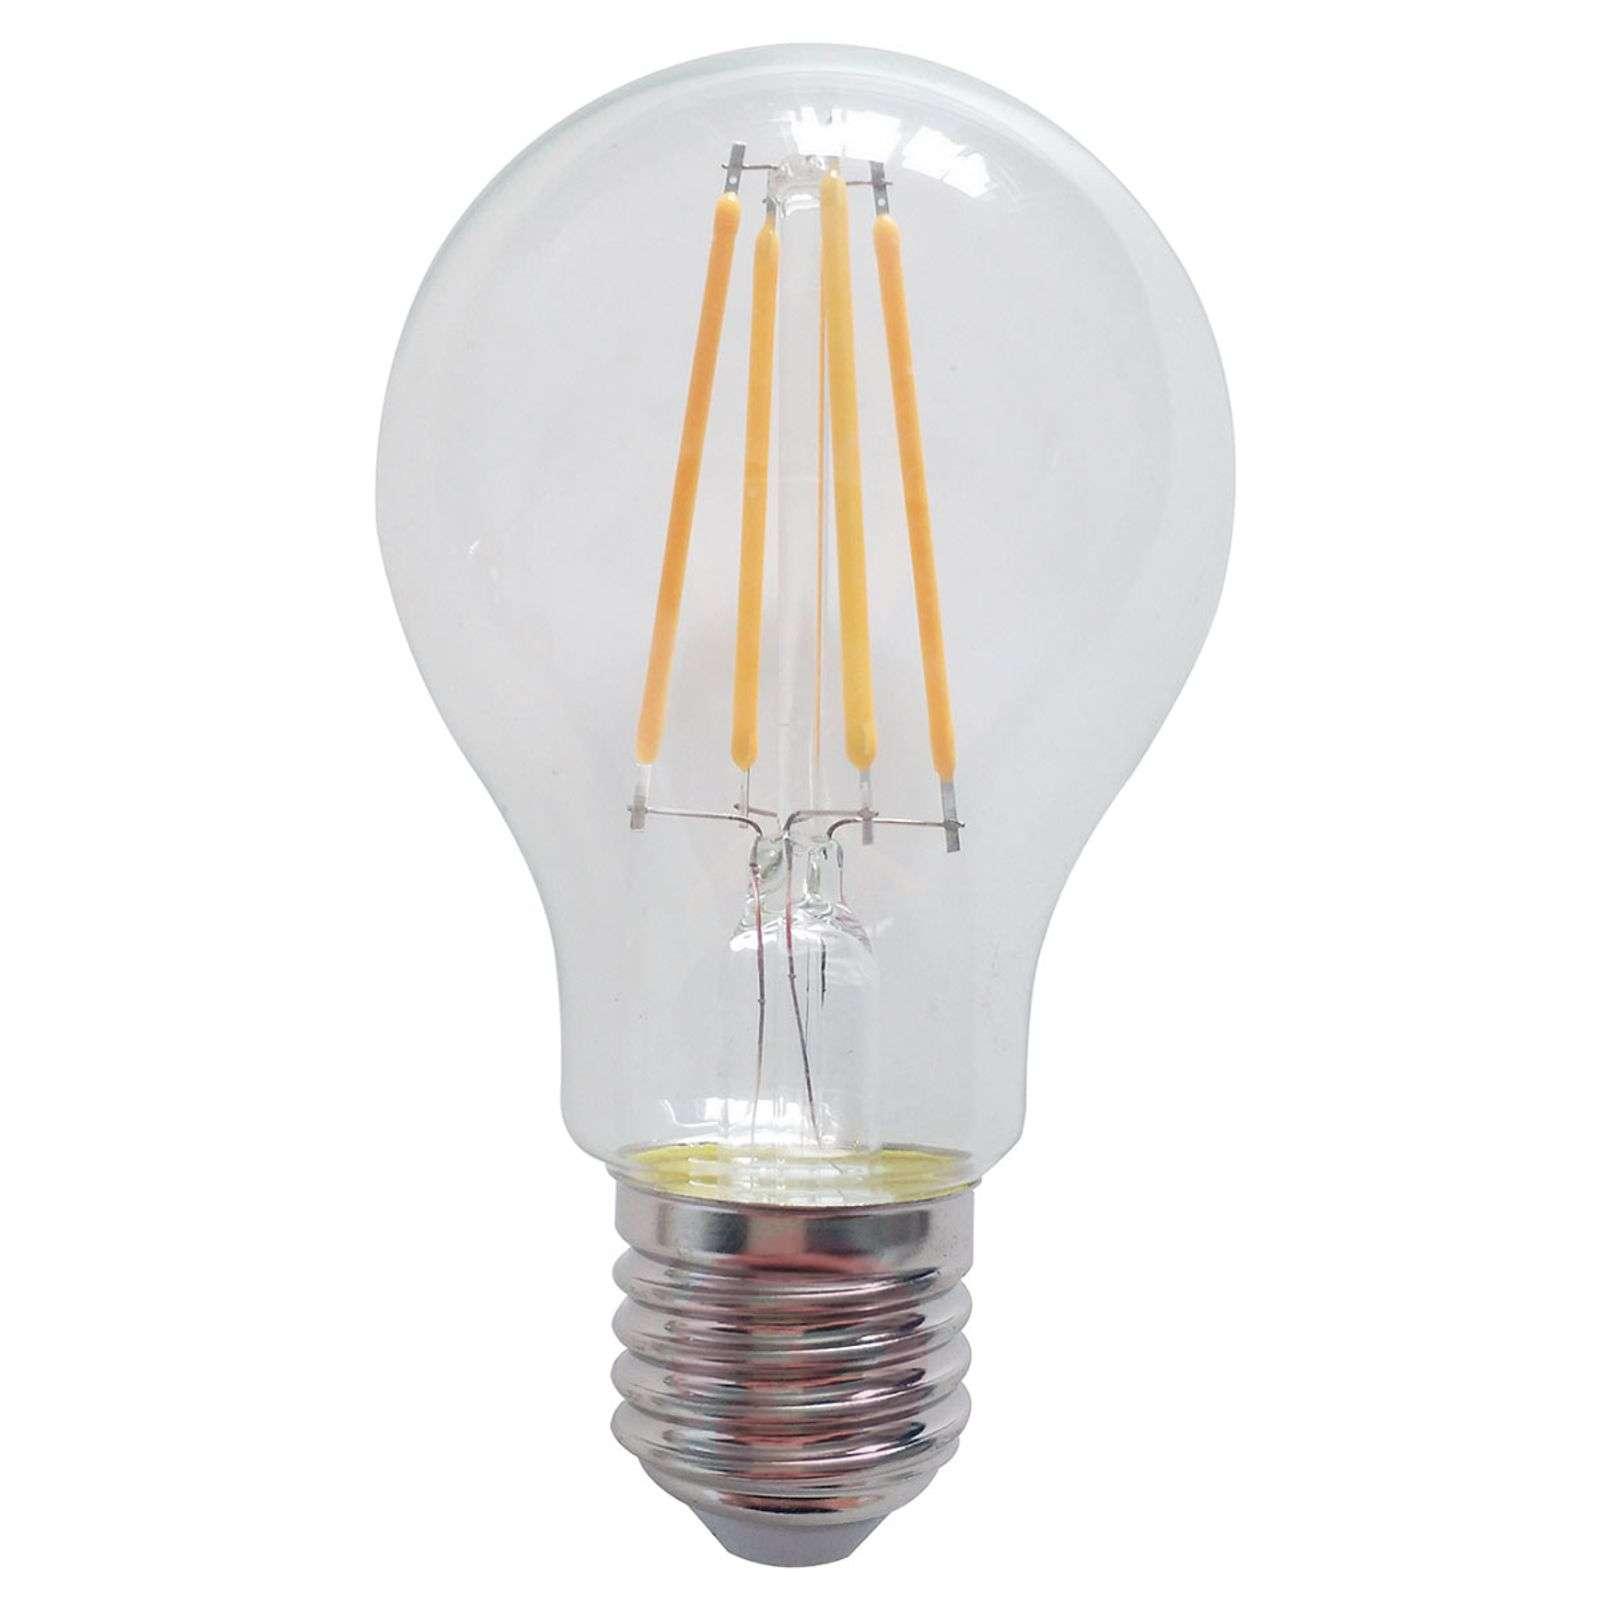 E27 LEE-lamppu Wifi 7W lämmin valkoinen hehkulanka-9971021-01